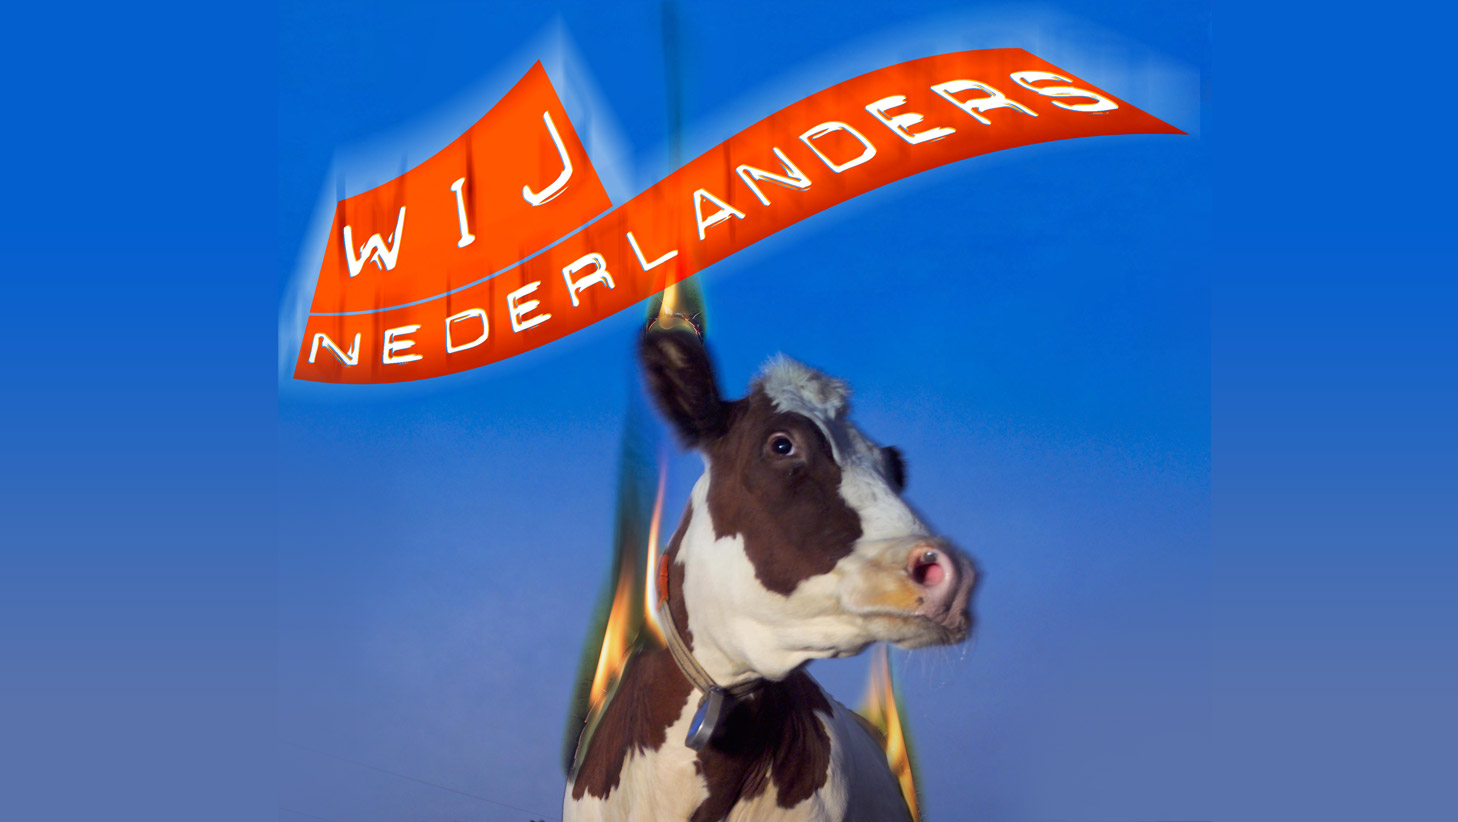 Wij, Nederlanders